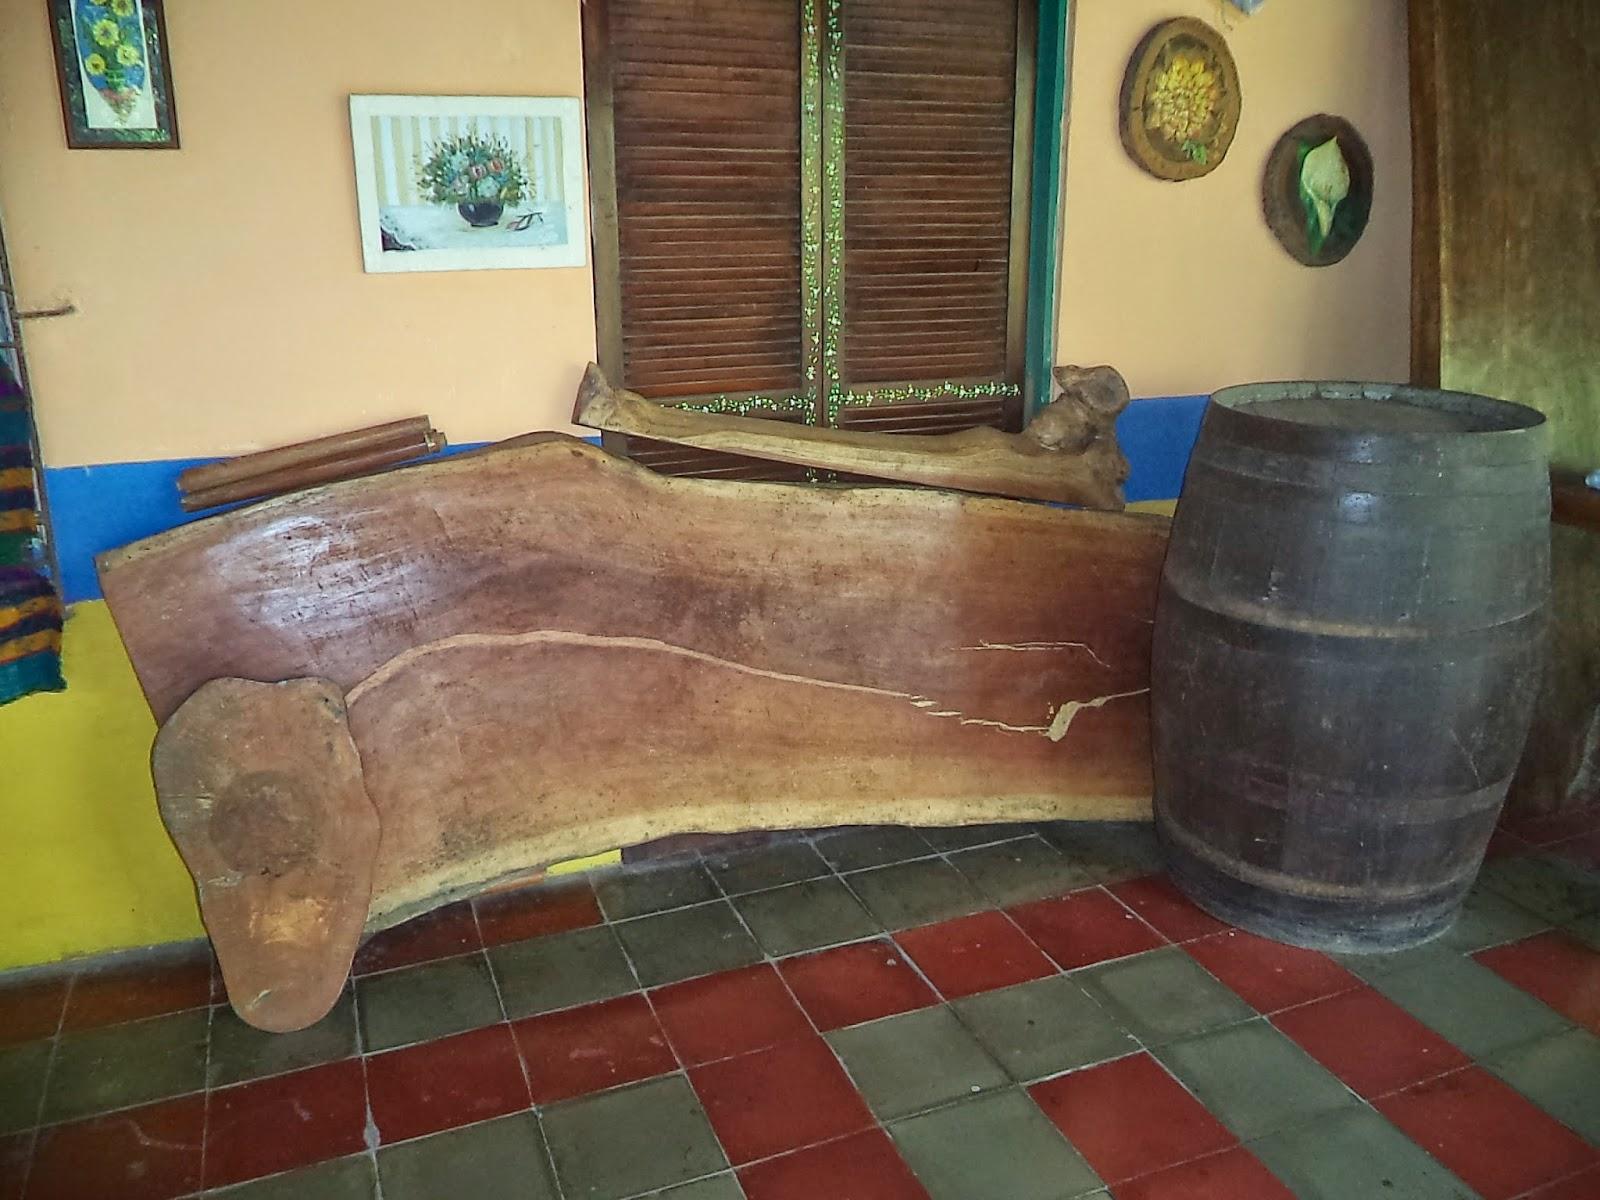 Productos de la codorniz madera decorada para muebles de for Muebles de madera para patio